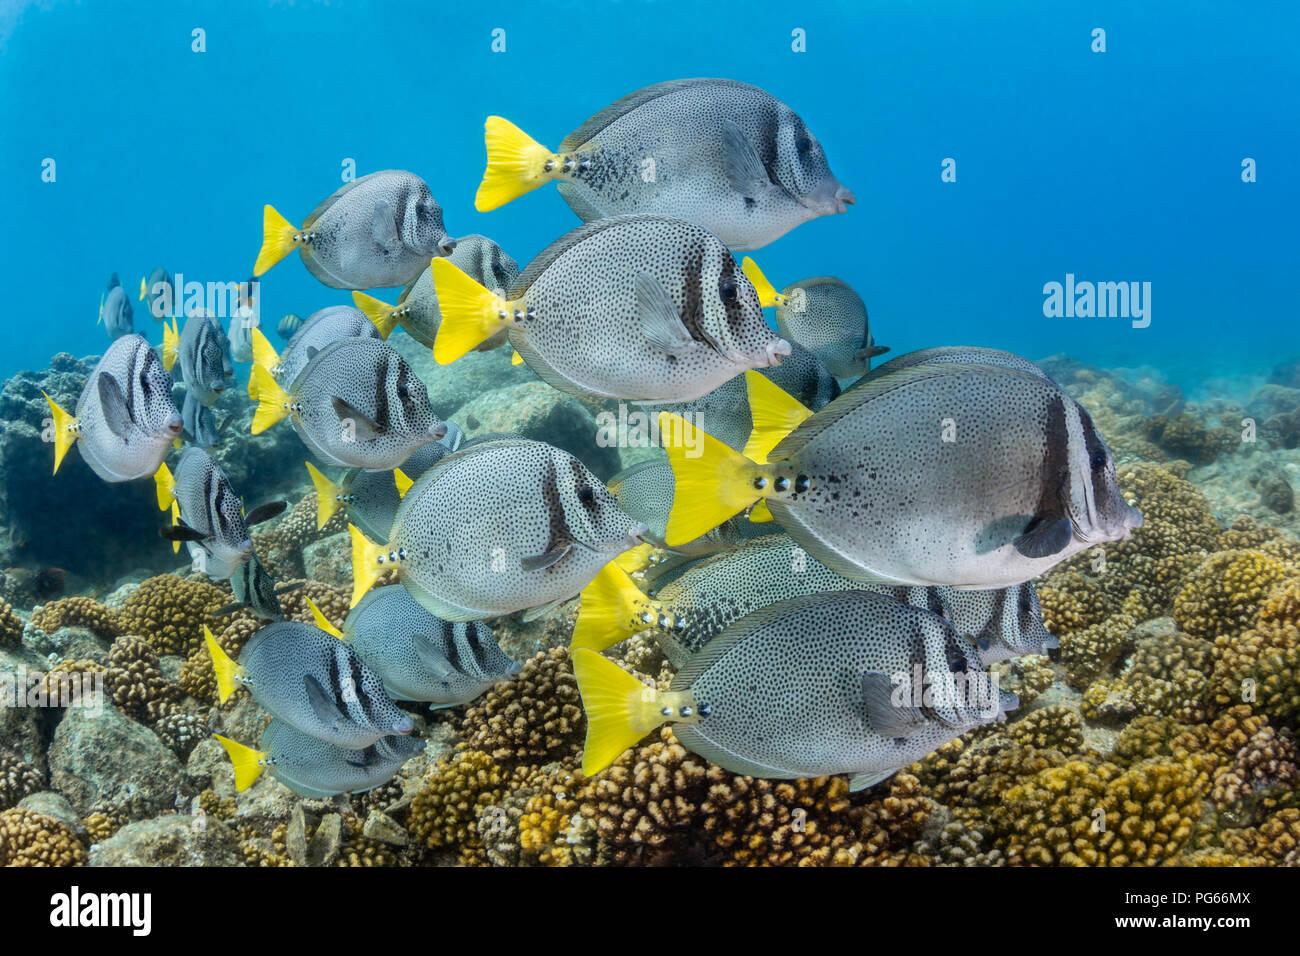 Gelb - Schwanz Doktorfische Beweidung für Algen in San Rafaelito, Meer von Cortez (Prionurus punctatus) Stockbild